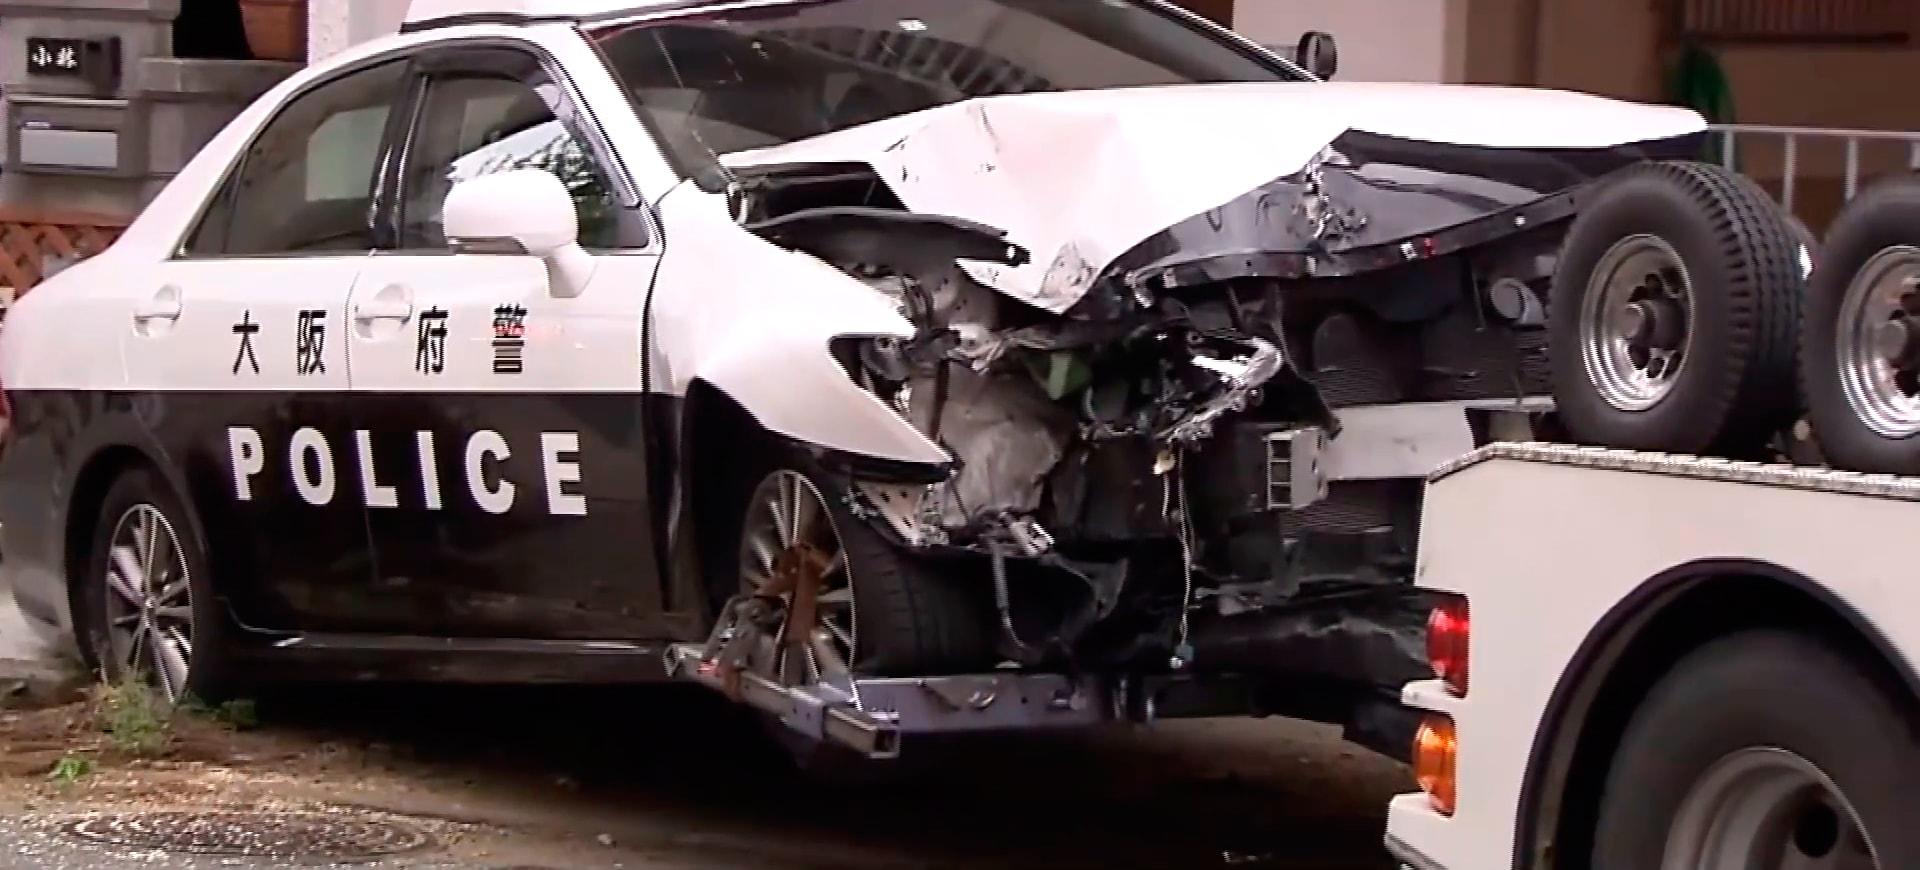 Житель Осаки угнал полицейскую машину с полицейским внутри